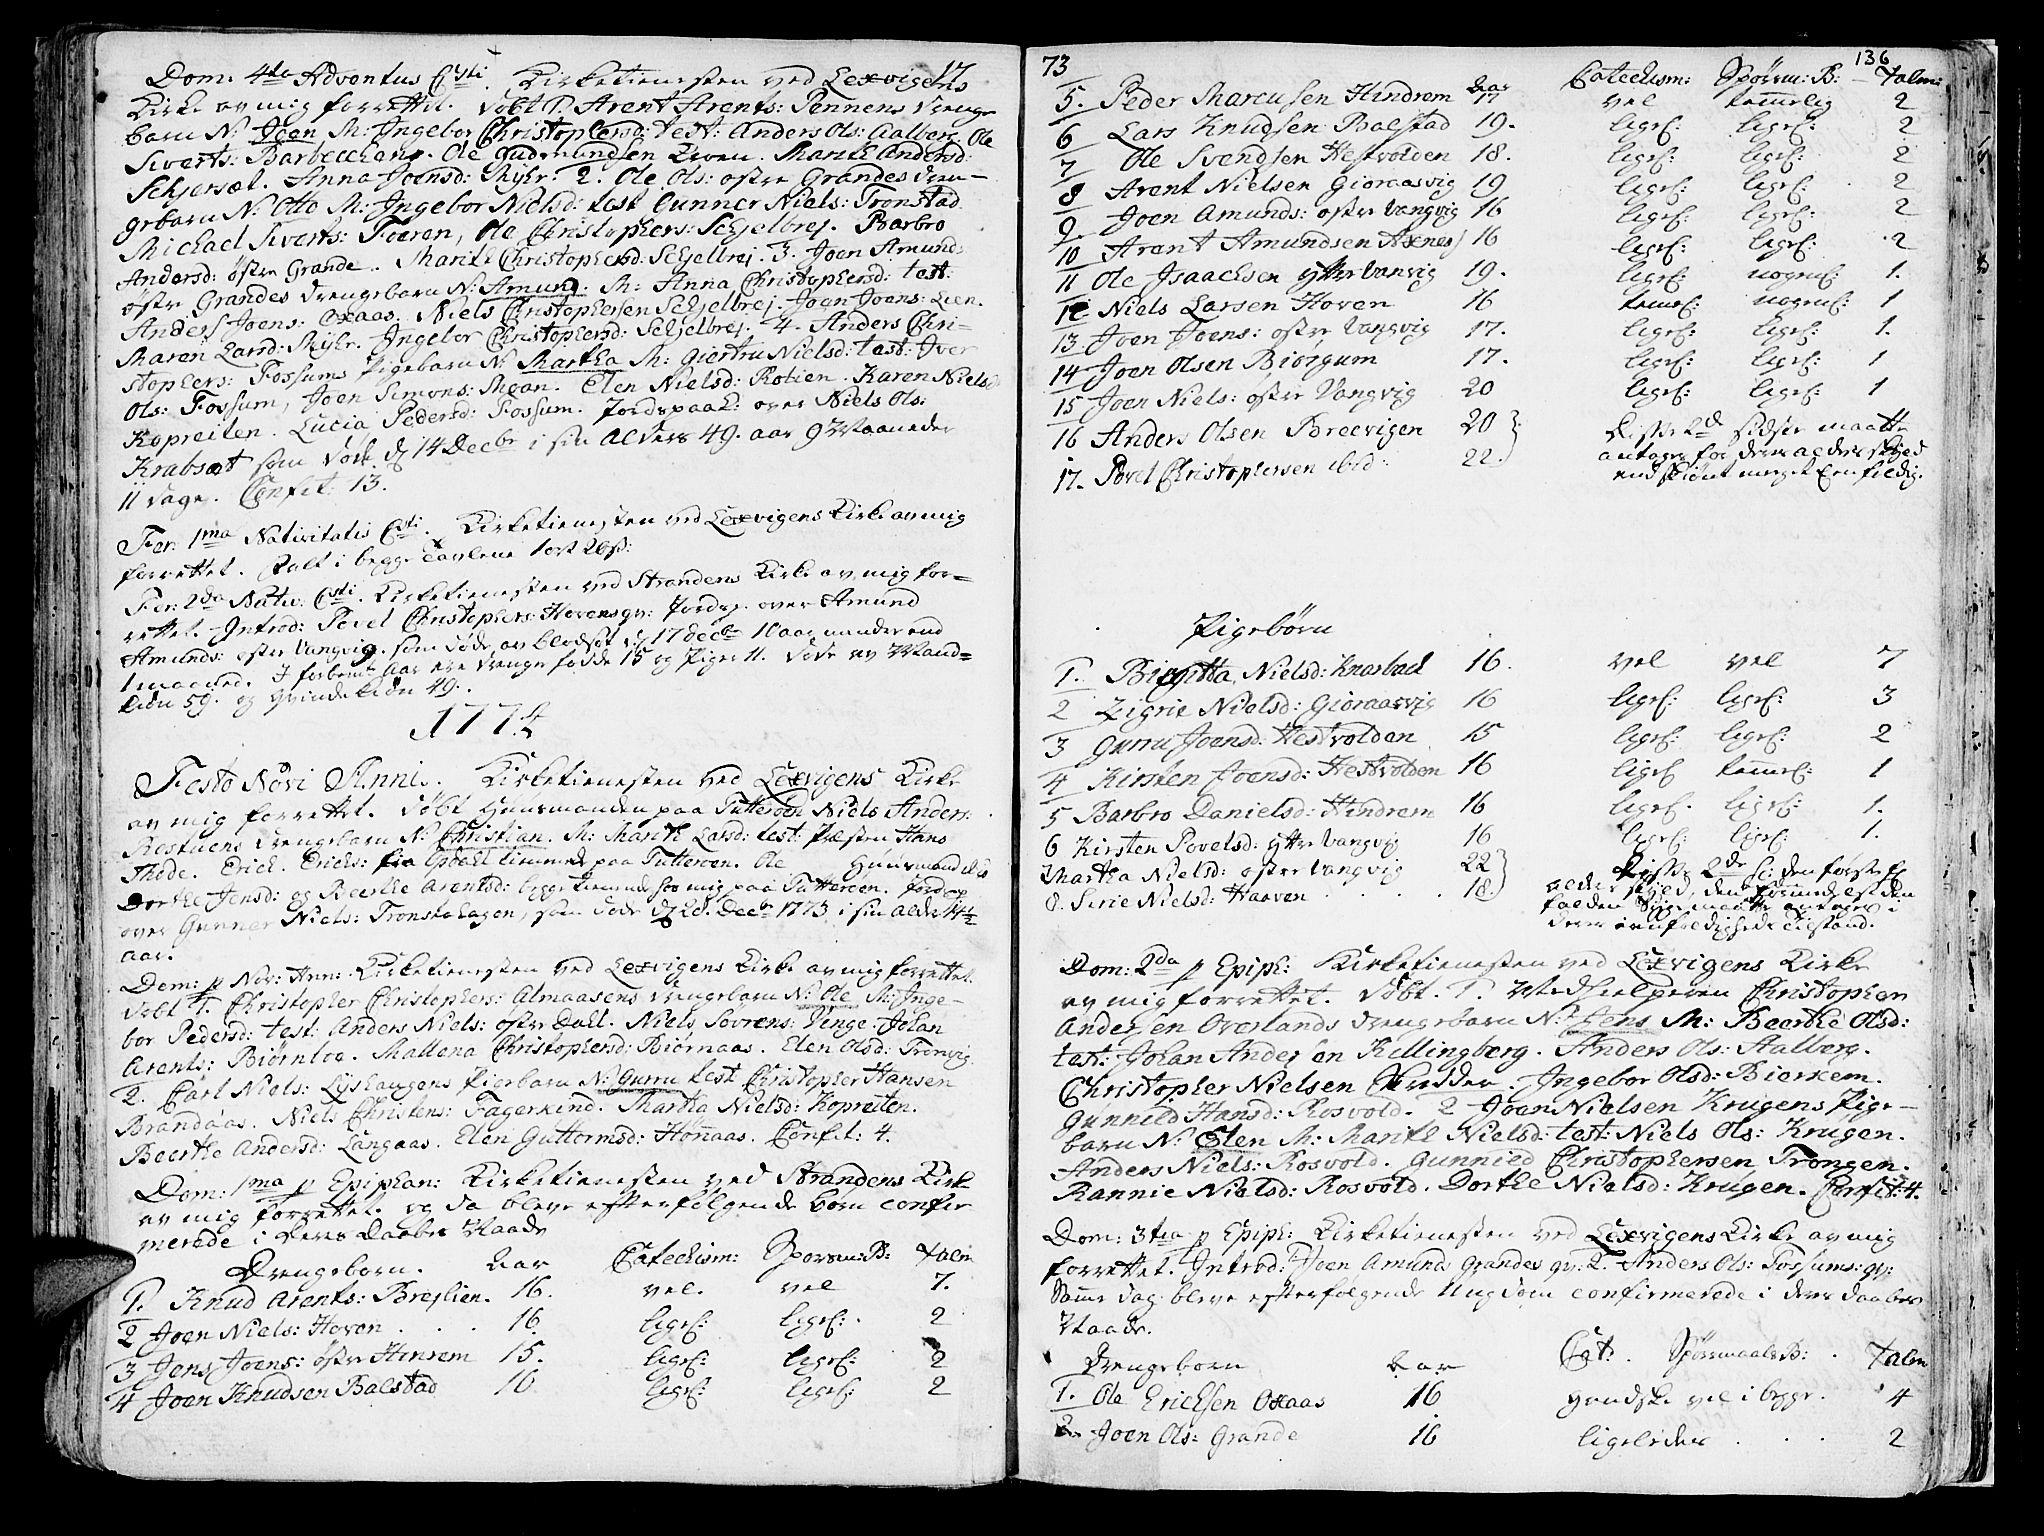 SAT, Ministerialprotokoller, klokkerbøker og fødselsregistre - Nord-Trøndelag, 701/L0003: Ministerialbok nr. 701A03, 1751-1783, s. 136